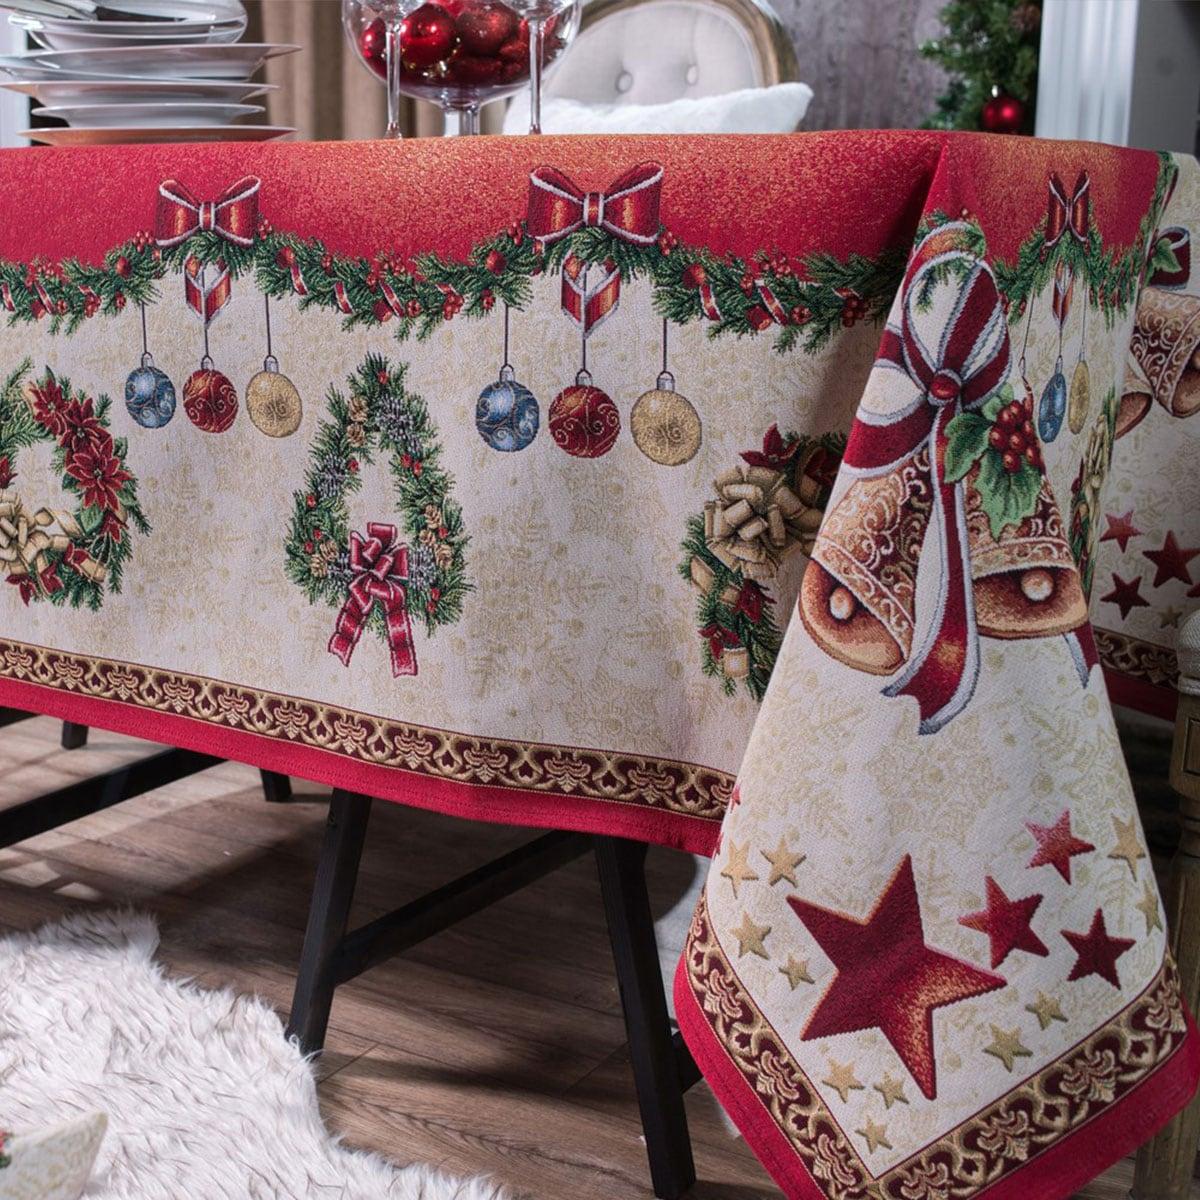 Τραπεζομάντηλο Χριστουγεννιάτικο Festive Multi Teoran 150X200 140x180cm